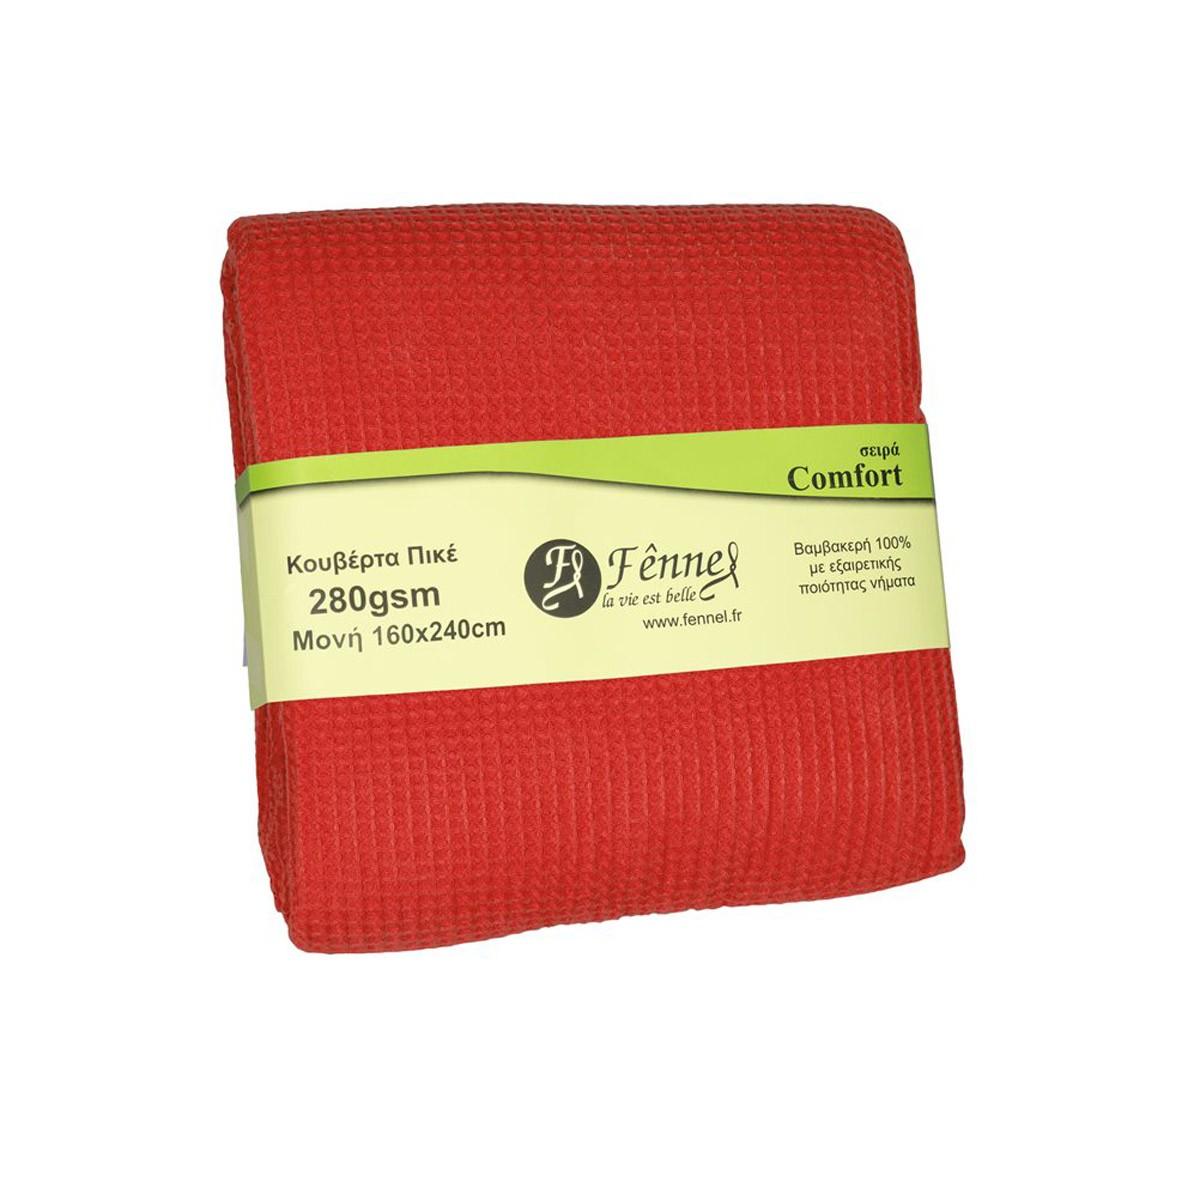 Κουβέρτα Πικέ Μονή Fennel WBCO Red home   παιδικά   κουβέρτες παιδικές   κουβέρτες καλοκαιρινές